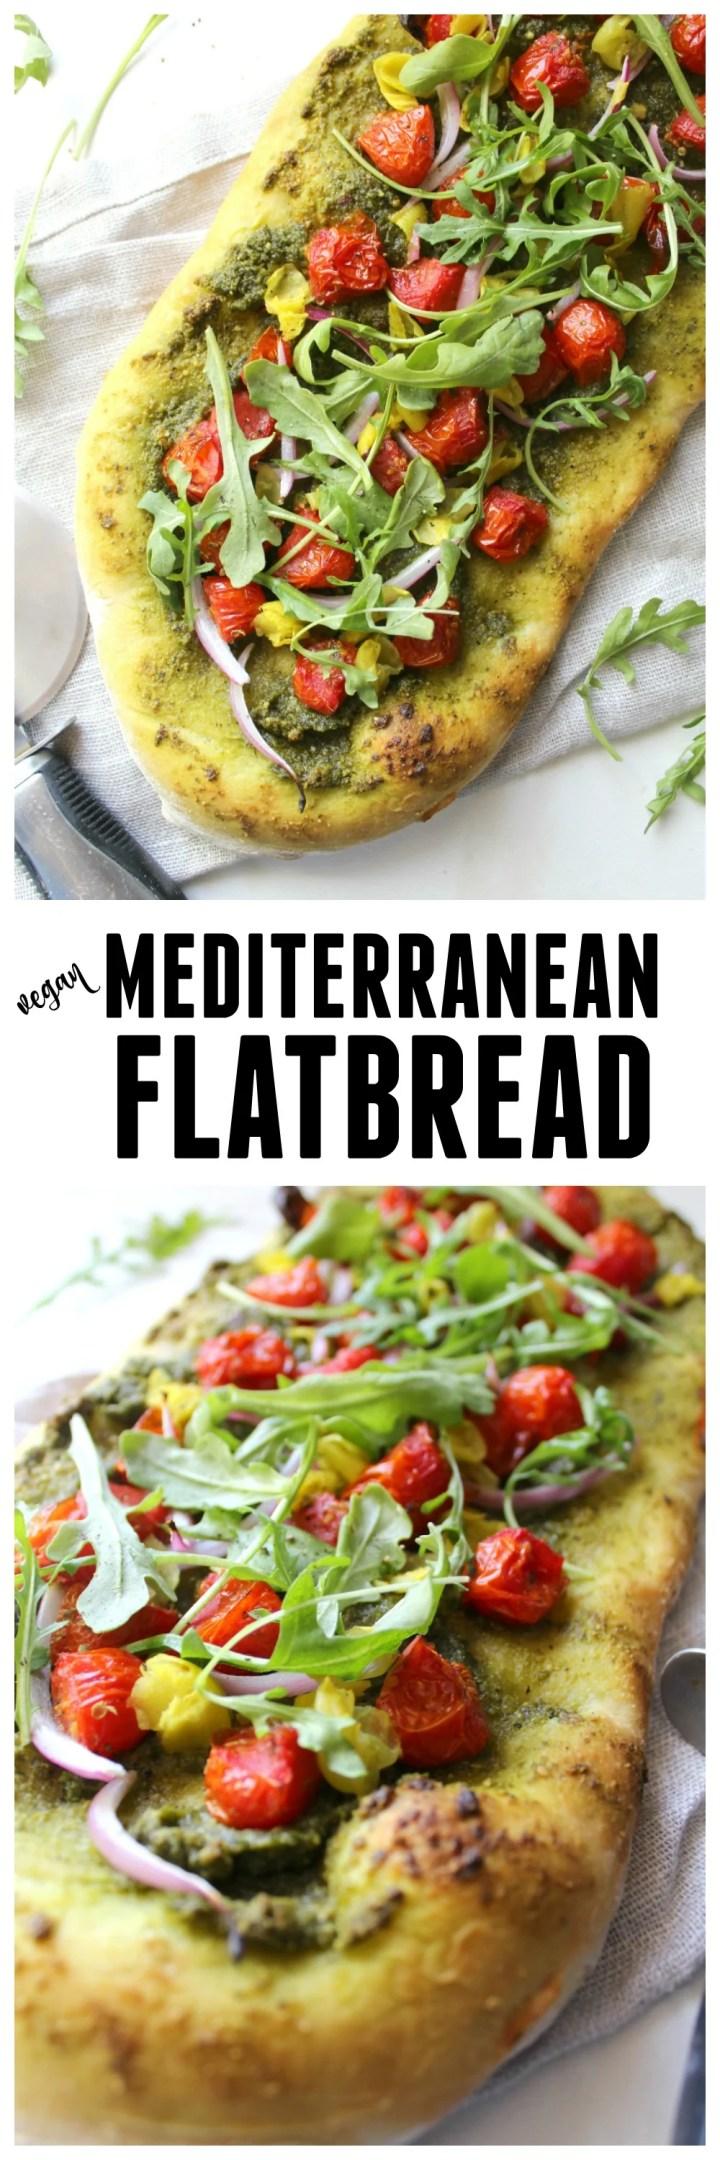 Mediterranean Flatbread | ThisSavoryVegan.com